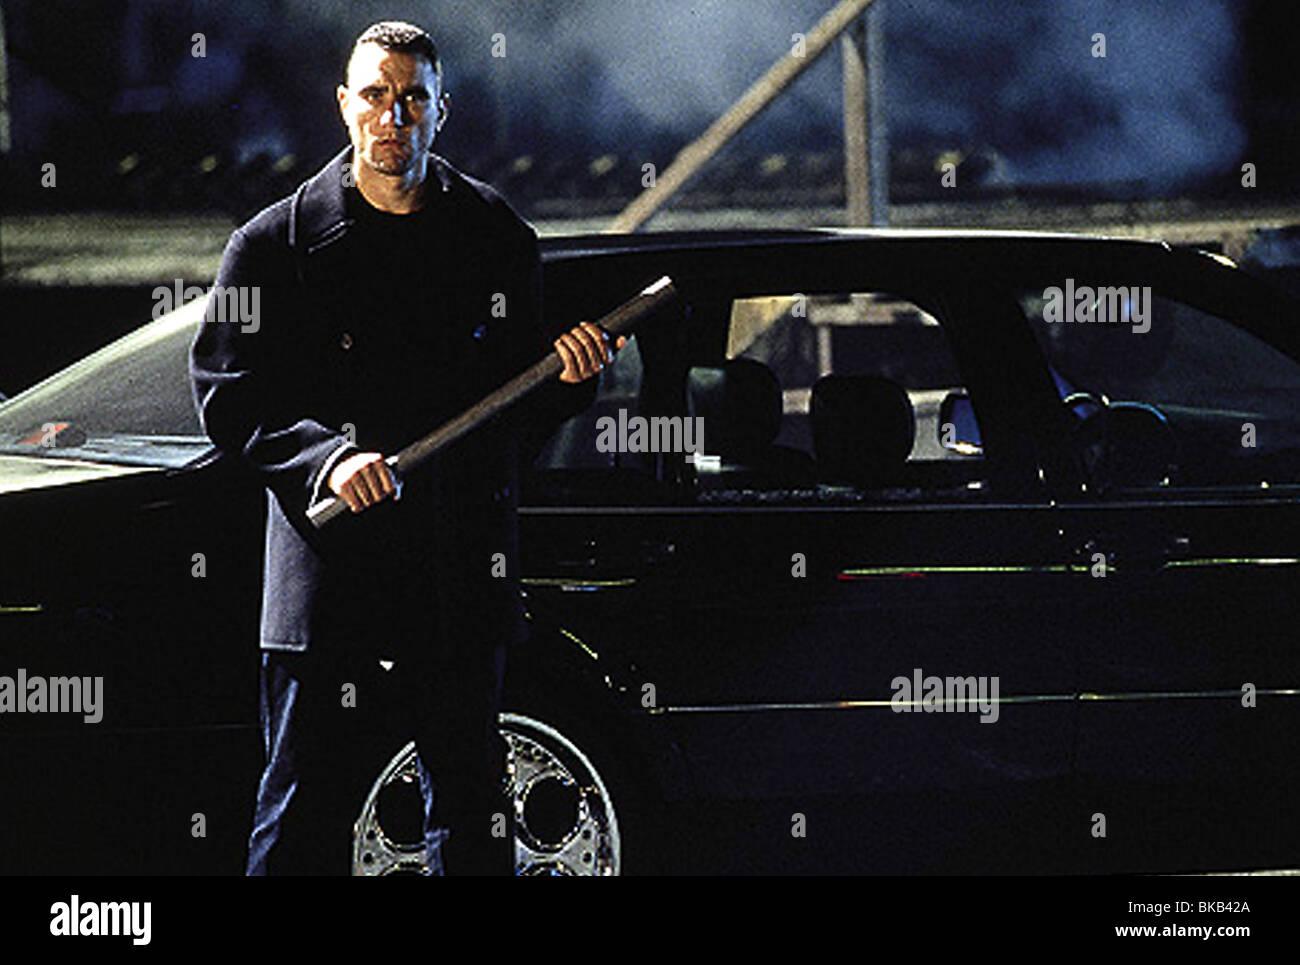 GONE IN 60 SEKUNDEN (2000) VINNIE JONES GO60 001 3905 Stockfoto